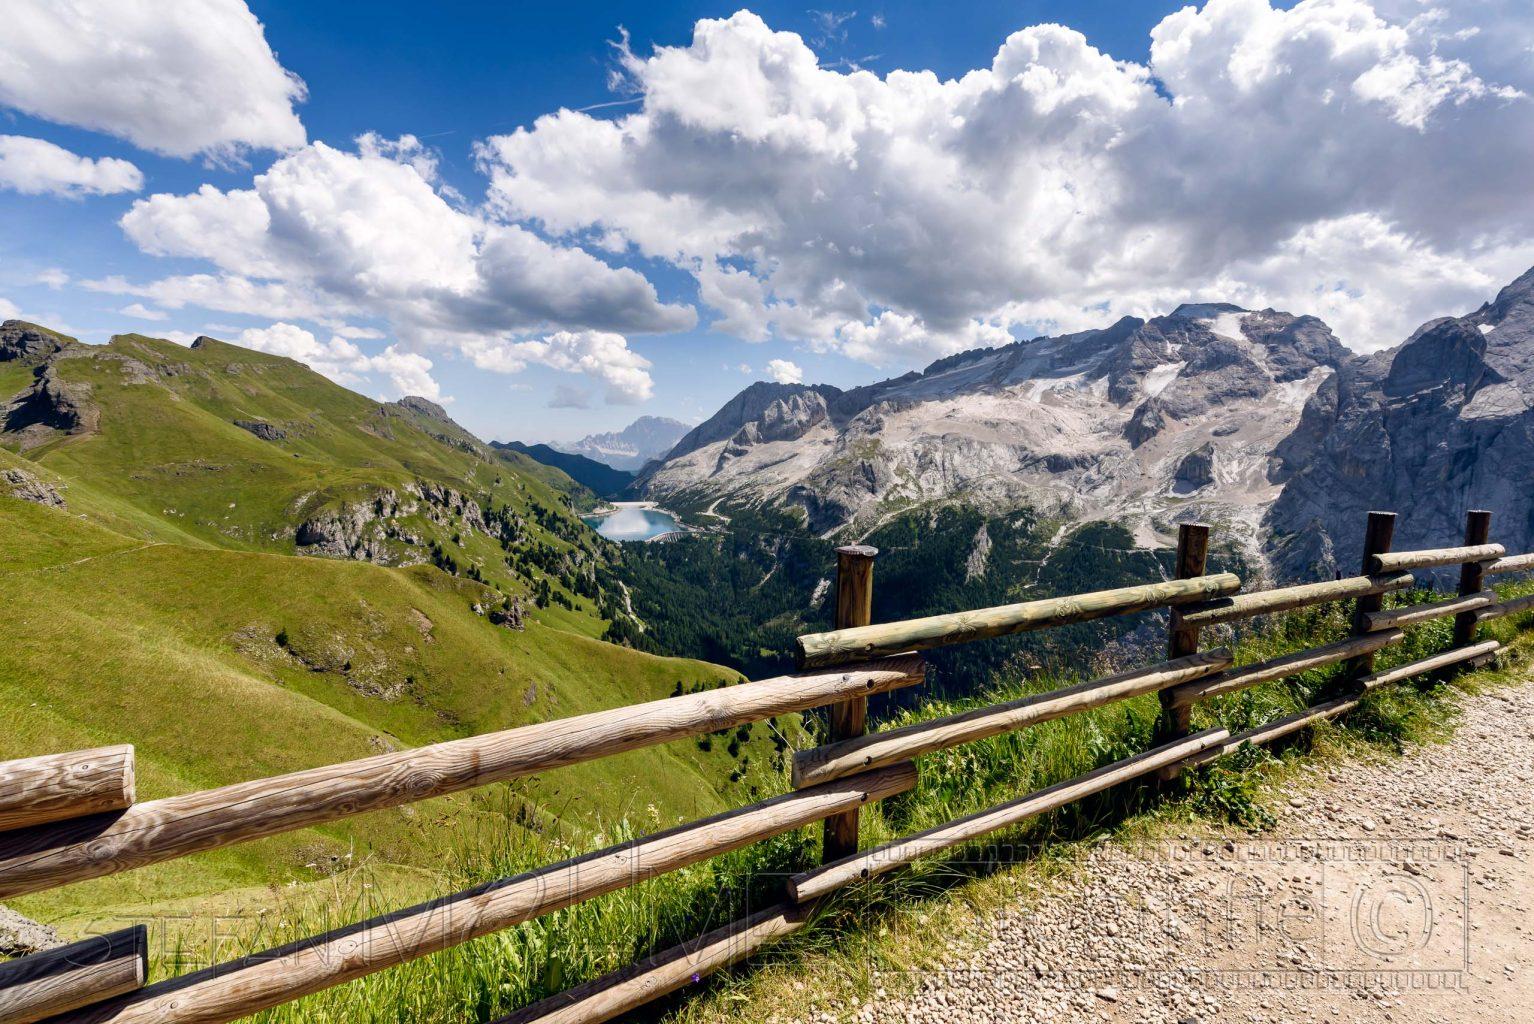 Wandern,Dolomiten,Alpen,Bindelweg,Sommer,Berge,Gebirge,Weitwinkel